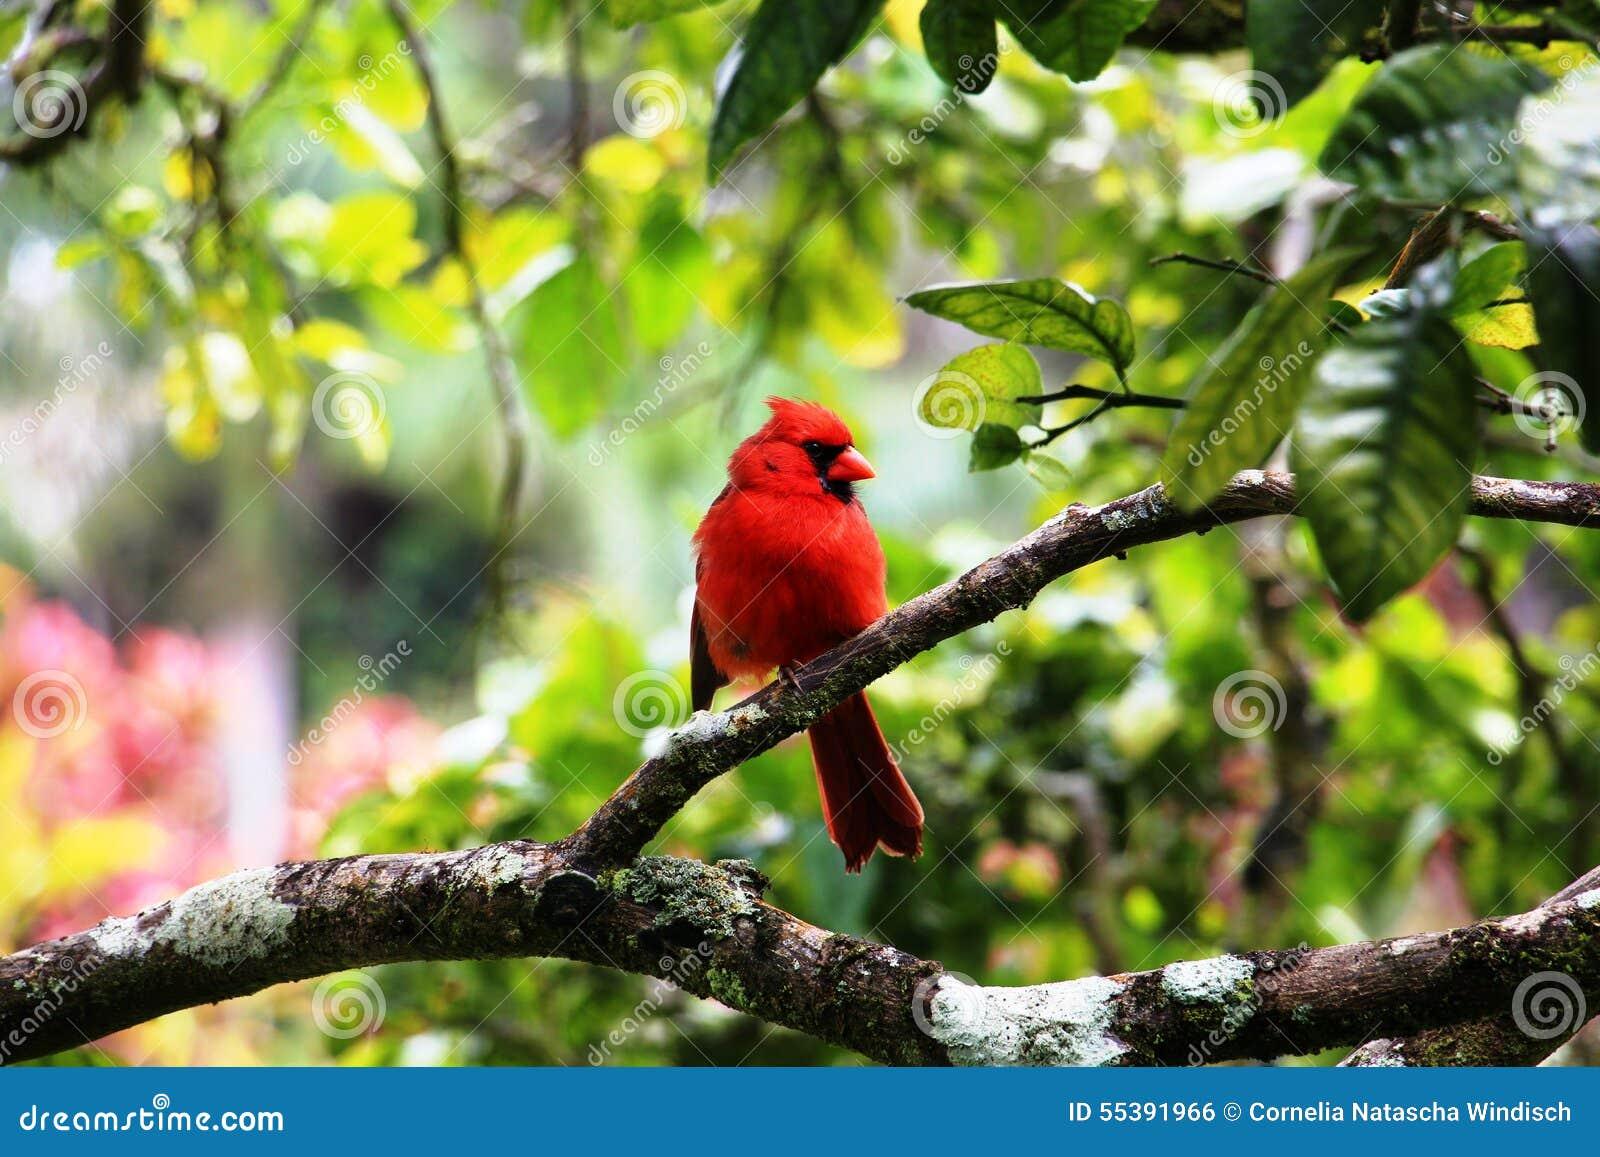 P jaro rojo en un rbol foto de archivo imagen 55391966 for Arbol rojo jardin